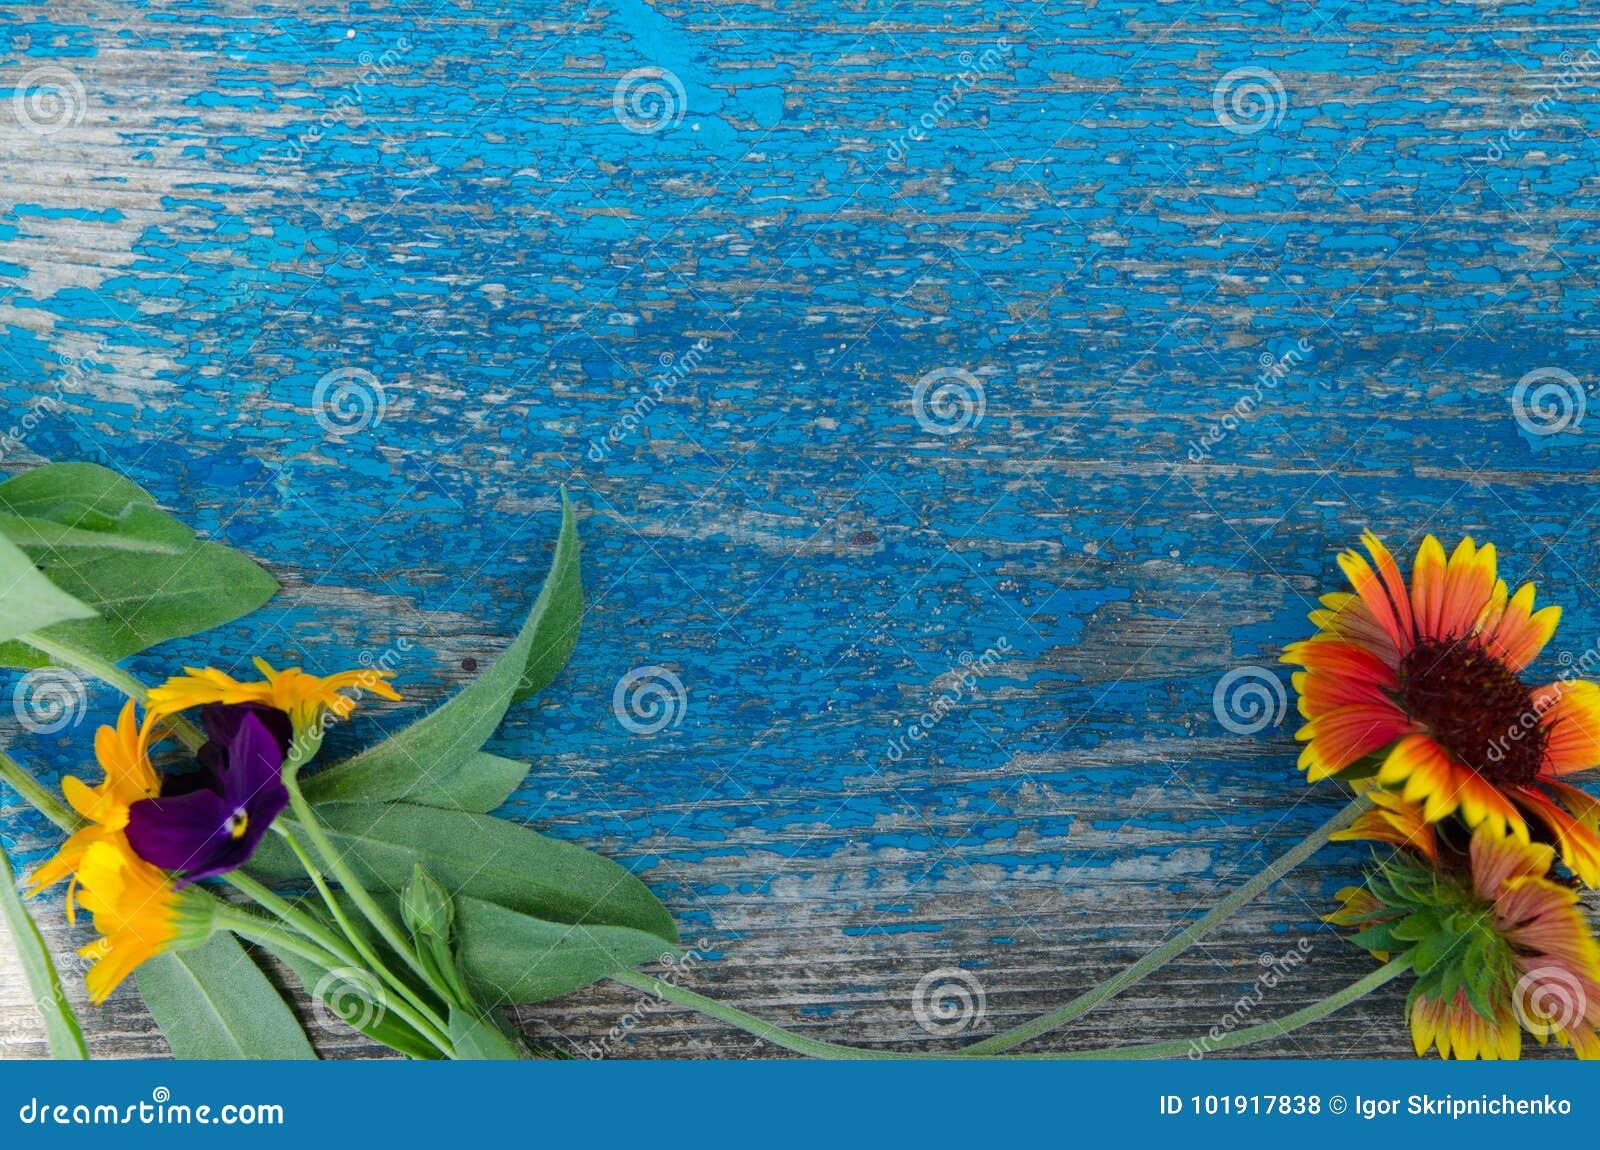 Flores a lo largo del perímetro de un tablero azul de madera, pintado con las grietas